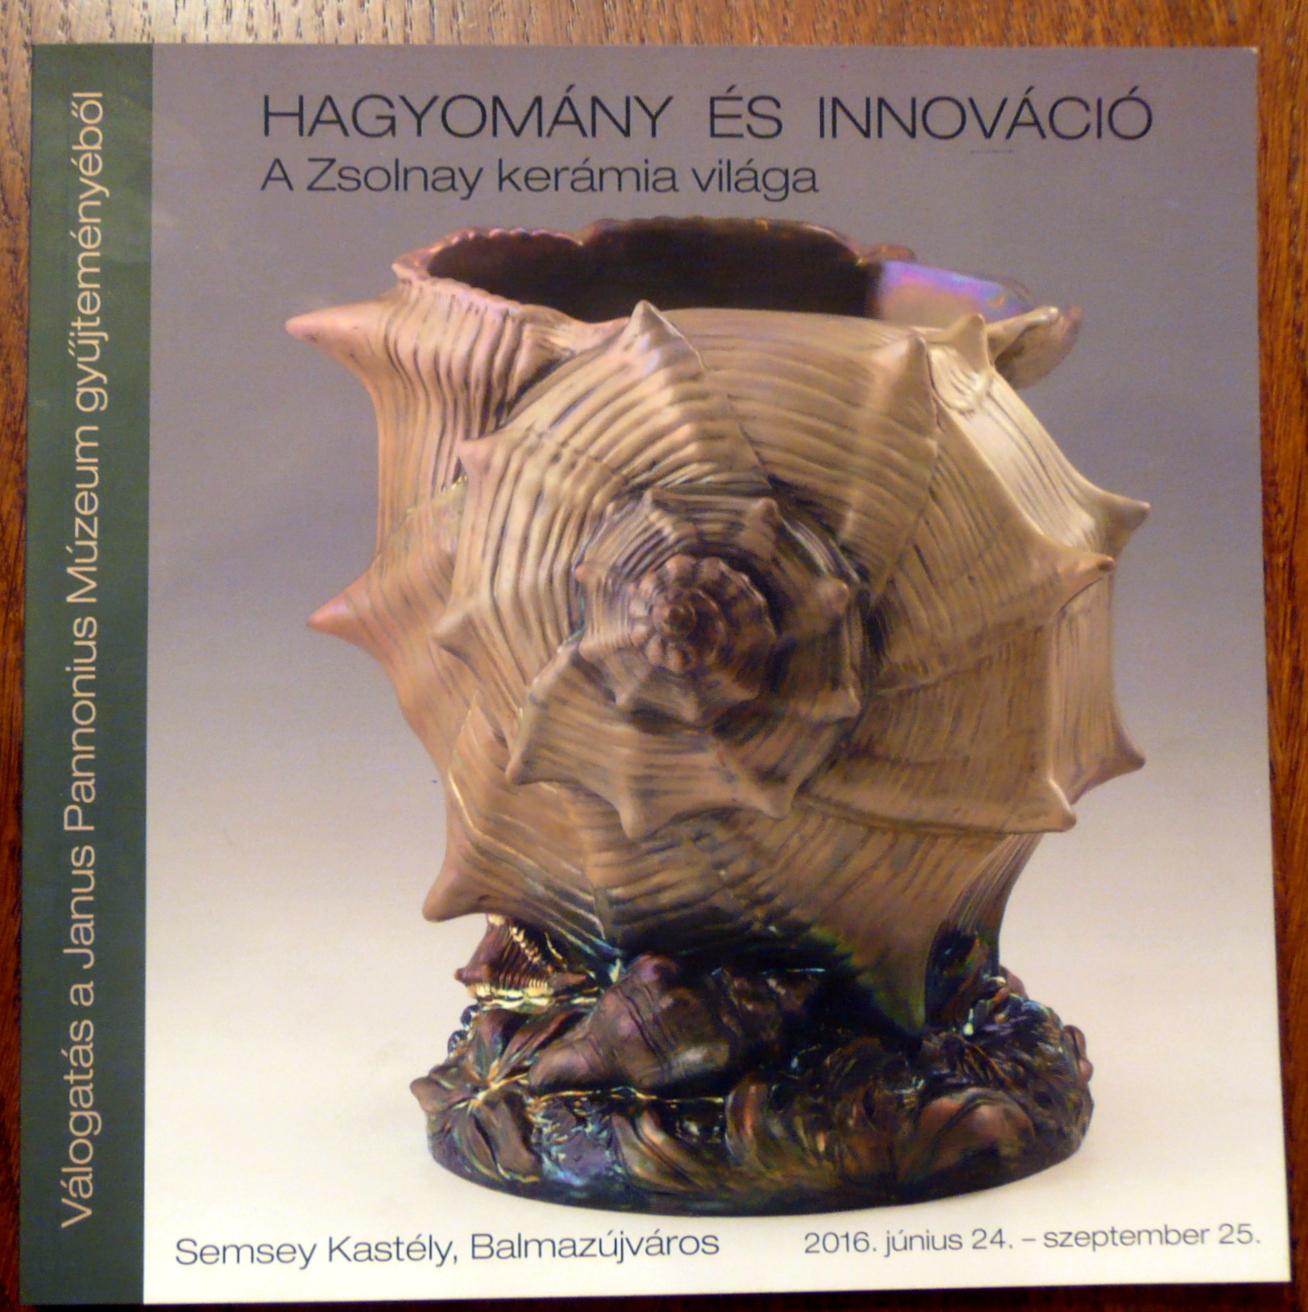 Zsolnay Hagyomány és Innováció/Dr. Kovács Orsolya